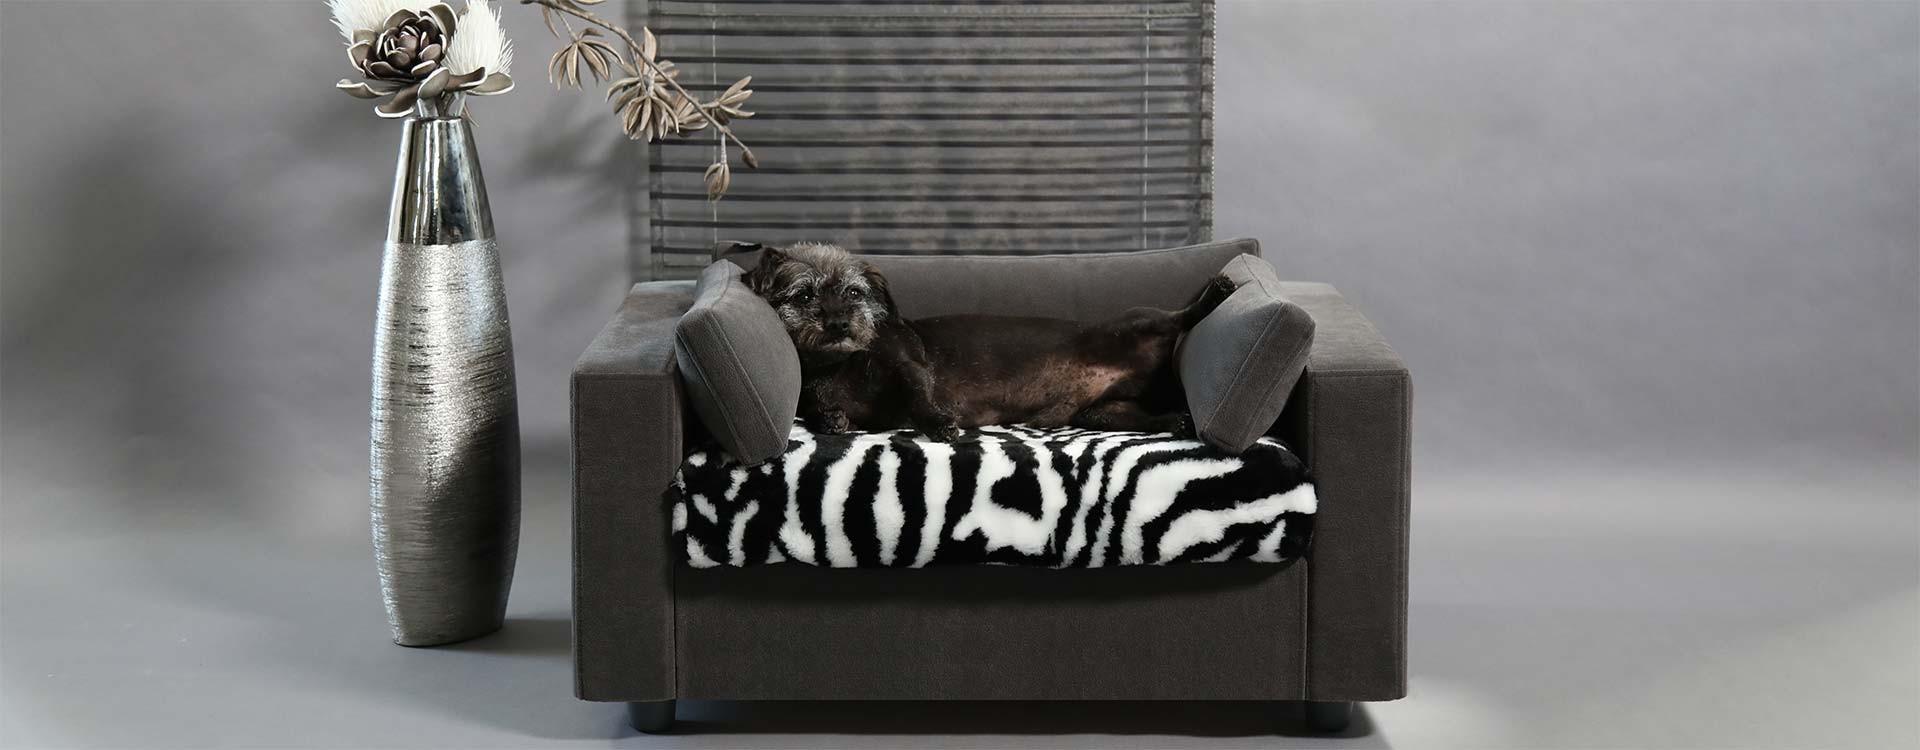 Che misura scegliere per il divano del tuo cane o gatto - Crea il tuo divano ...